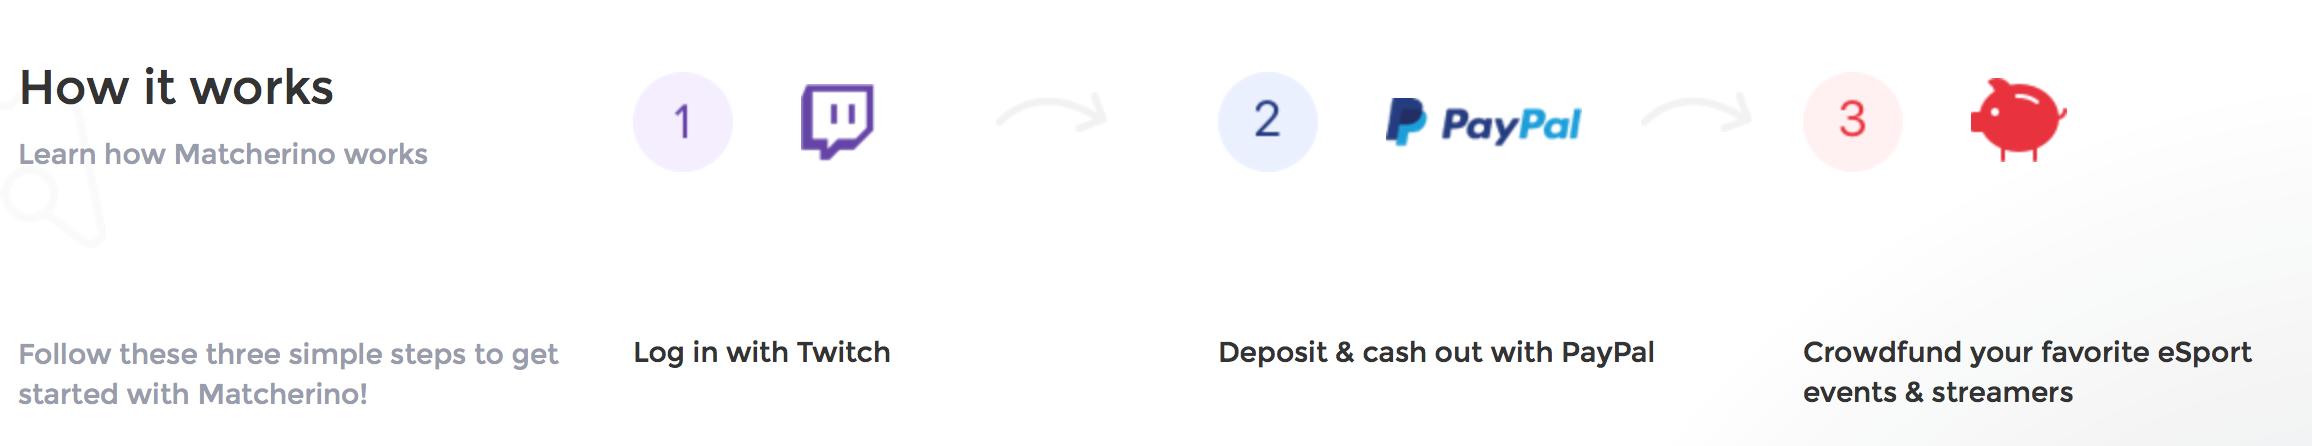 Matcherino's Crowdfunding Platform (Photo: Matcherino)